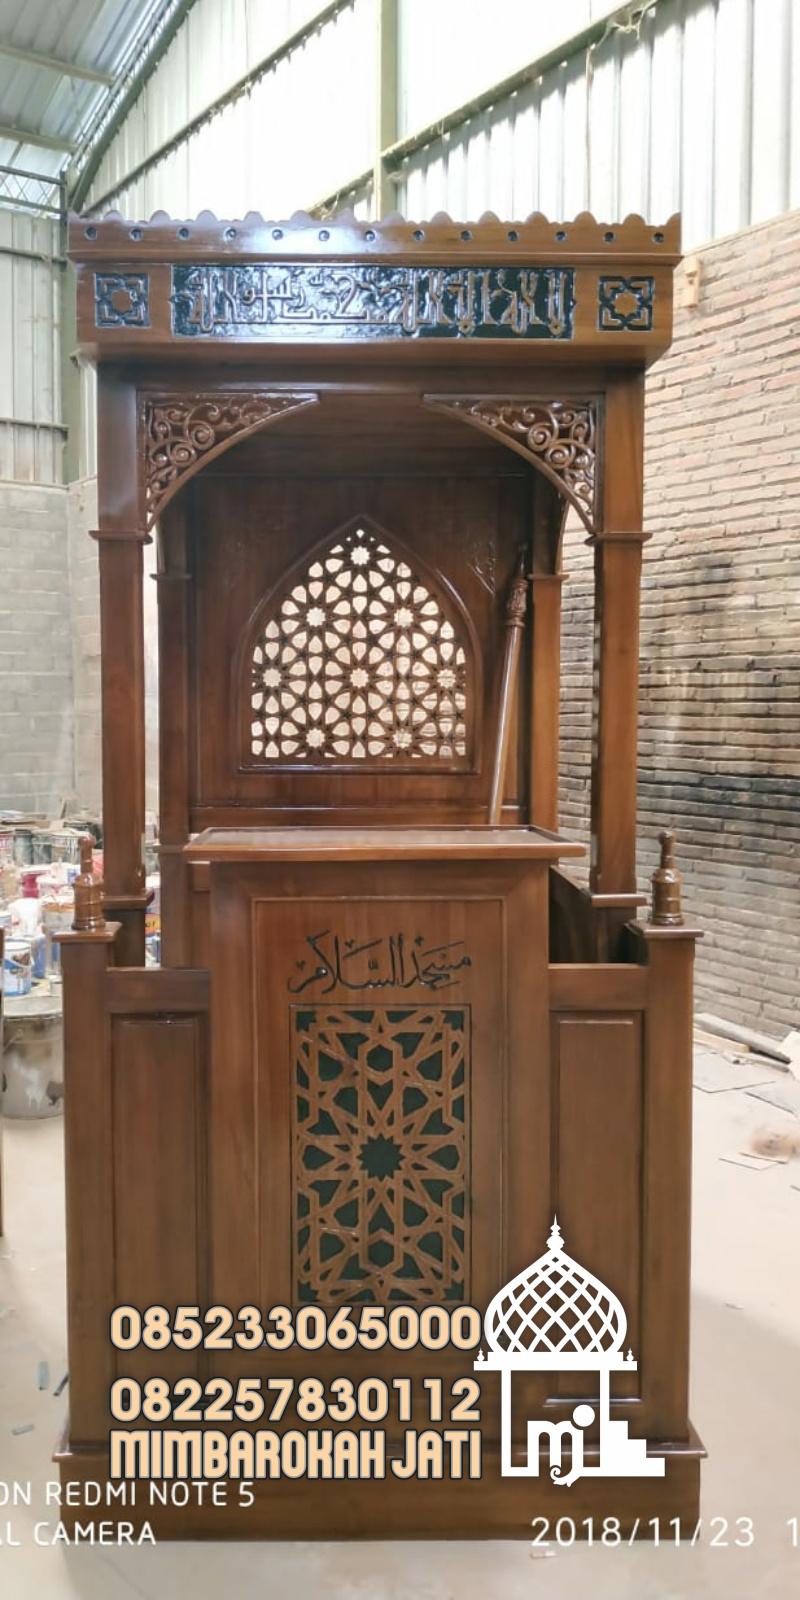 Podium Mimbar Masjid Minimalis Ukuran Standar Atap Kubah Kayu Jati